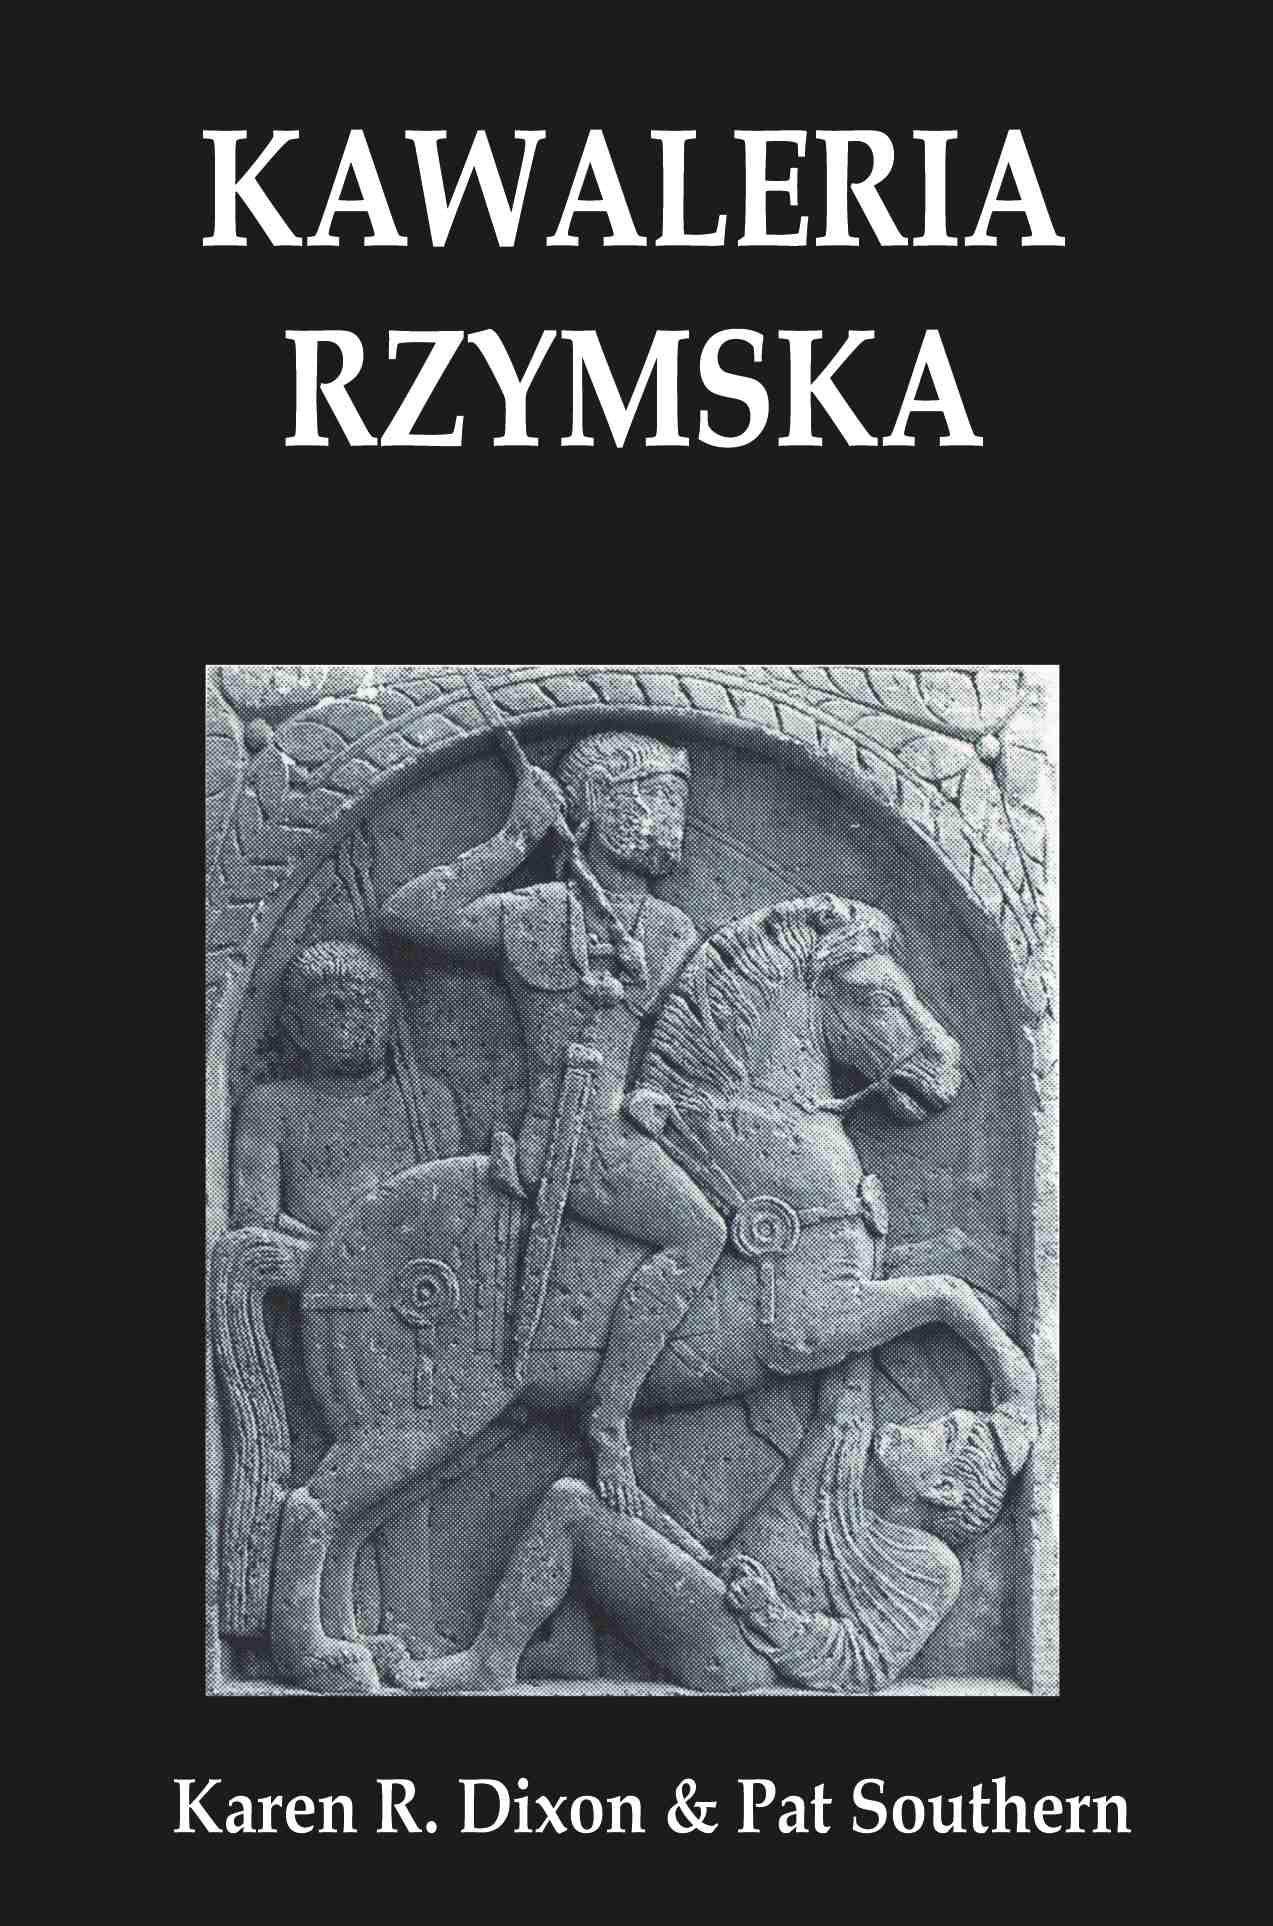 Kawaleria rzymska - Ebook (Książka na Kindle) do pobrania w formacie MOBI